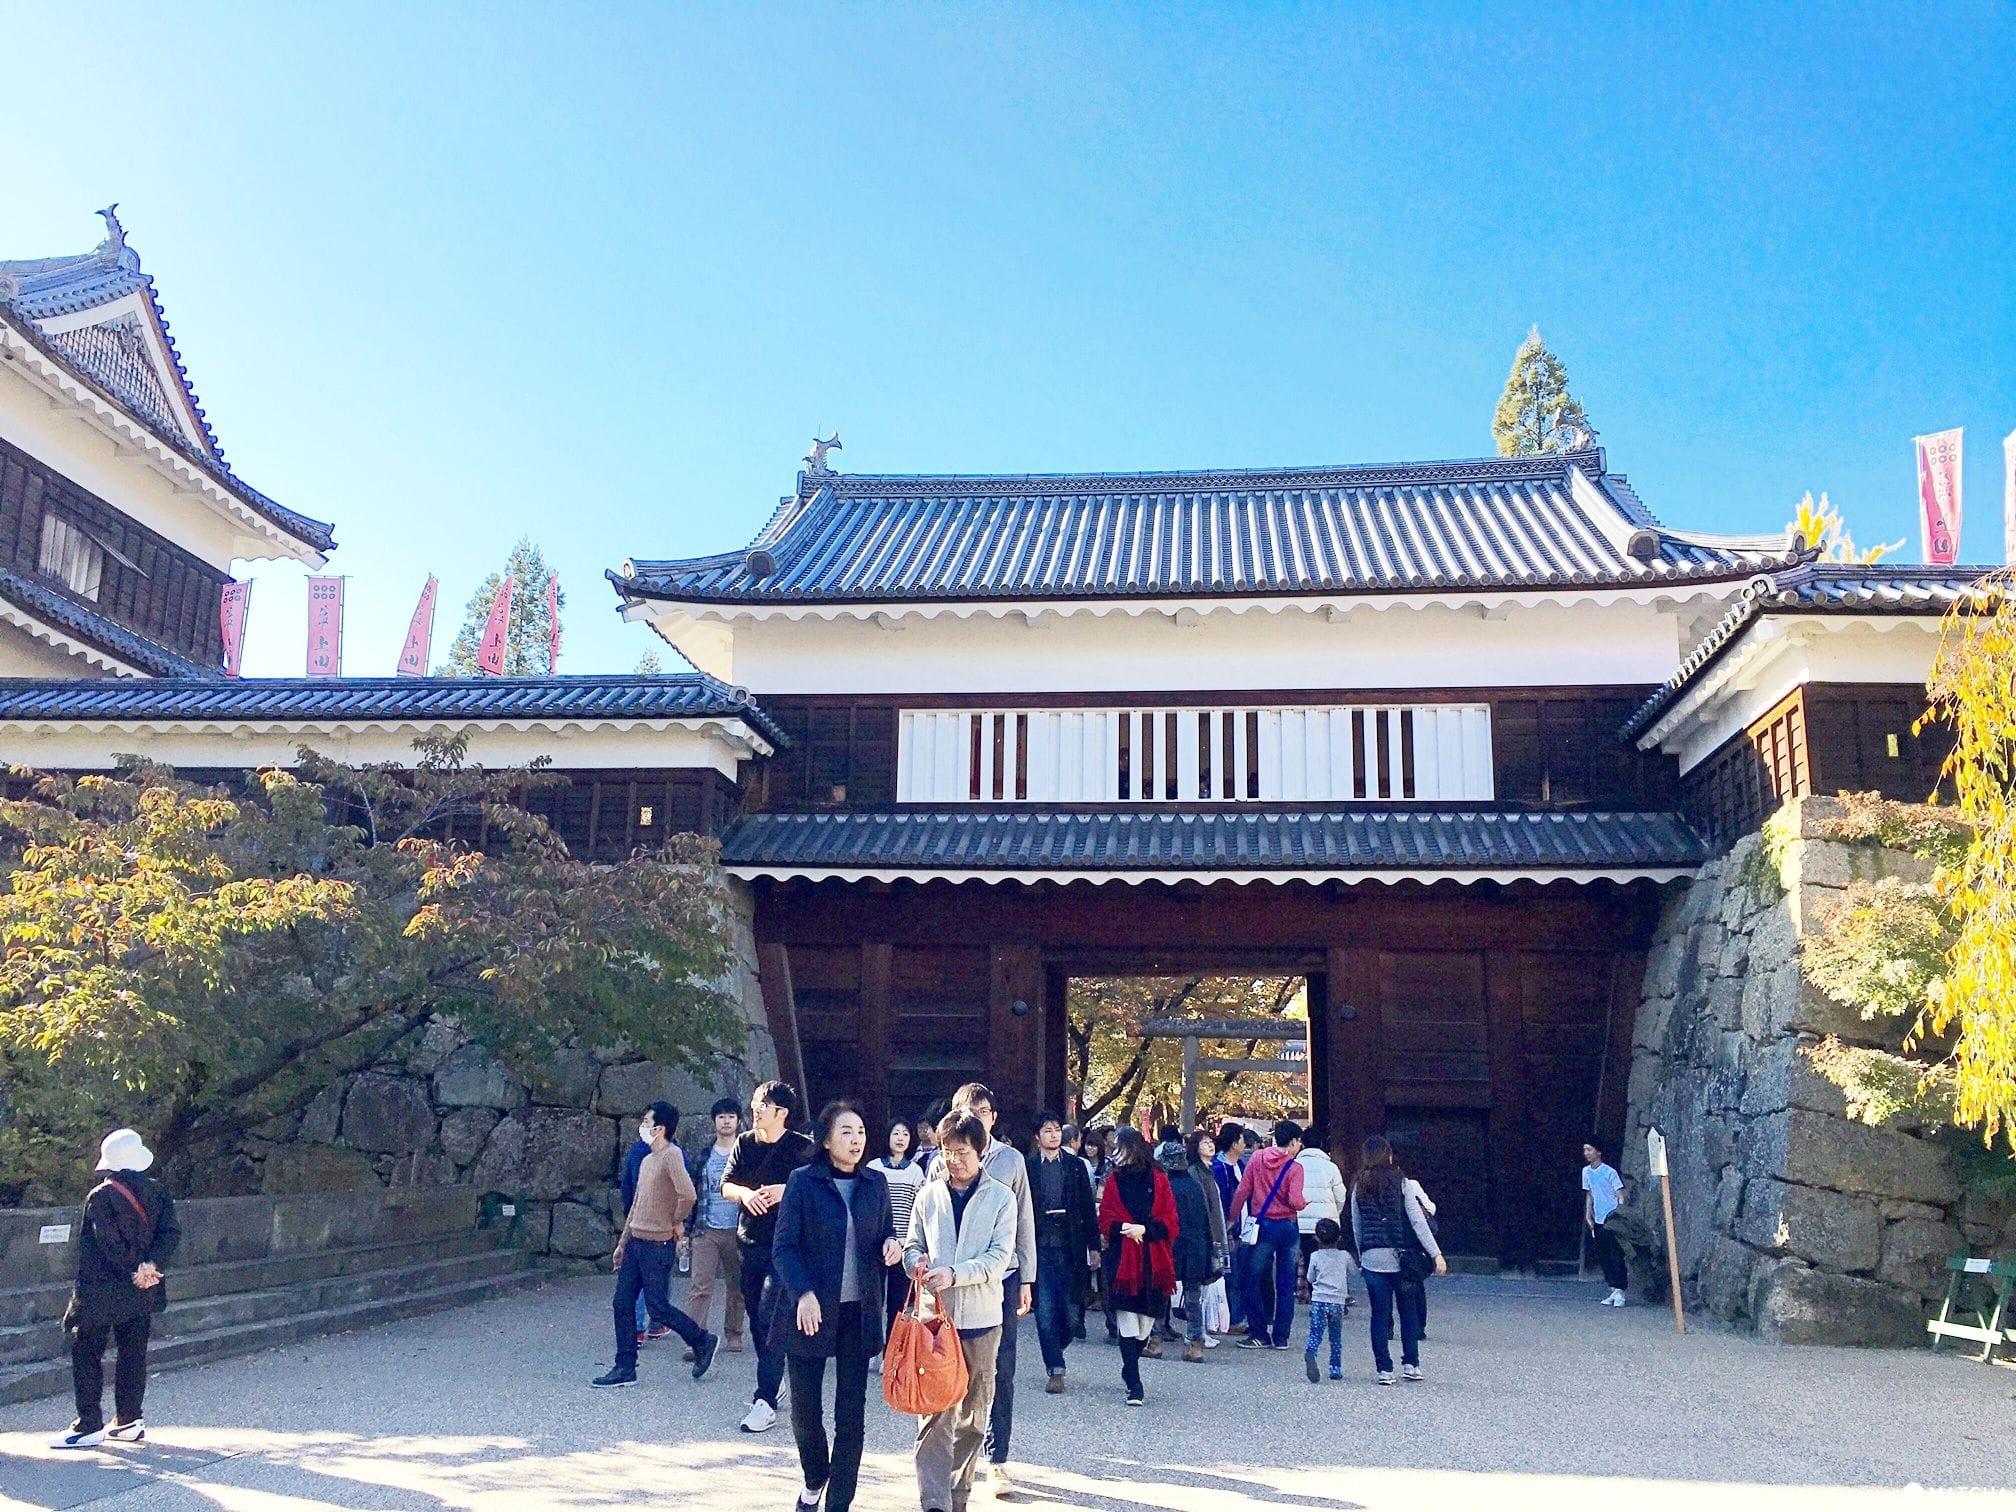 誰說長野只能滑雪?跟著堺雅人巡訪「真田丸」舞台邊泡湯賞景